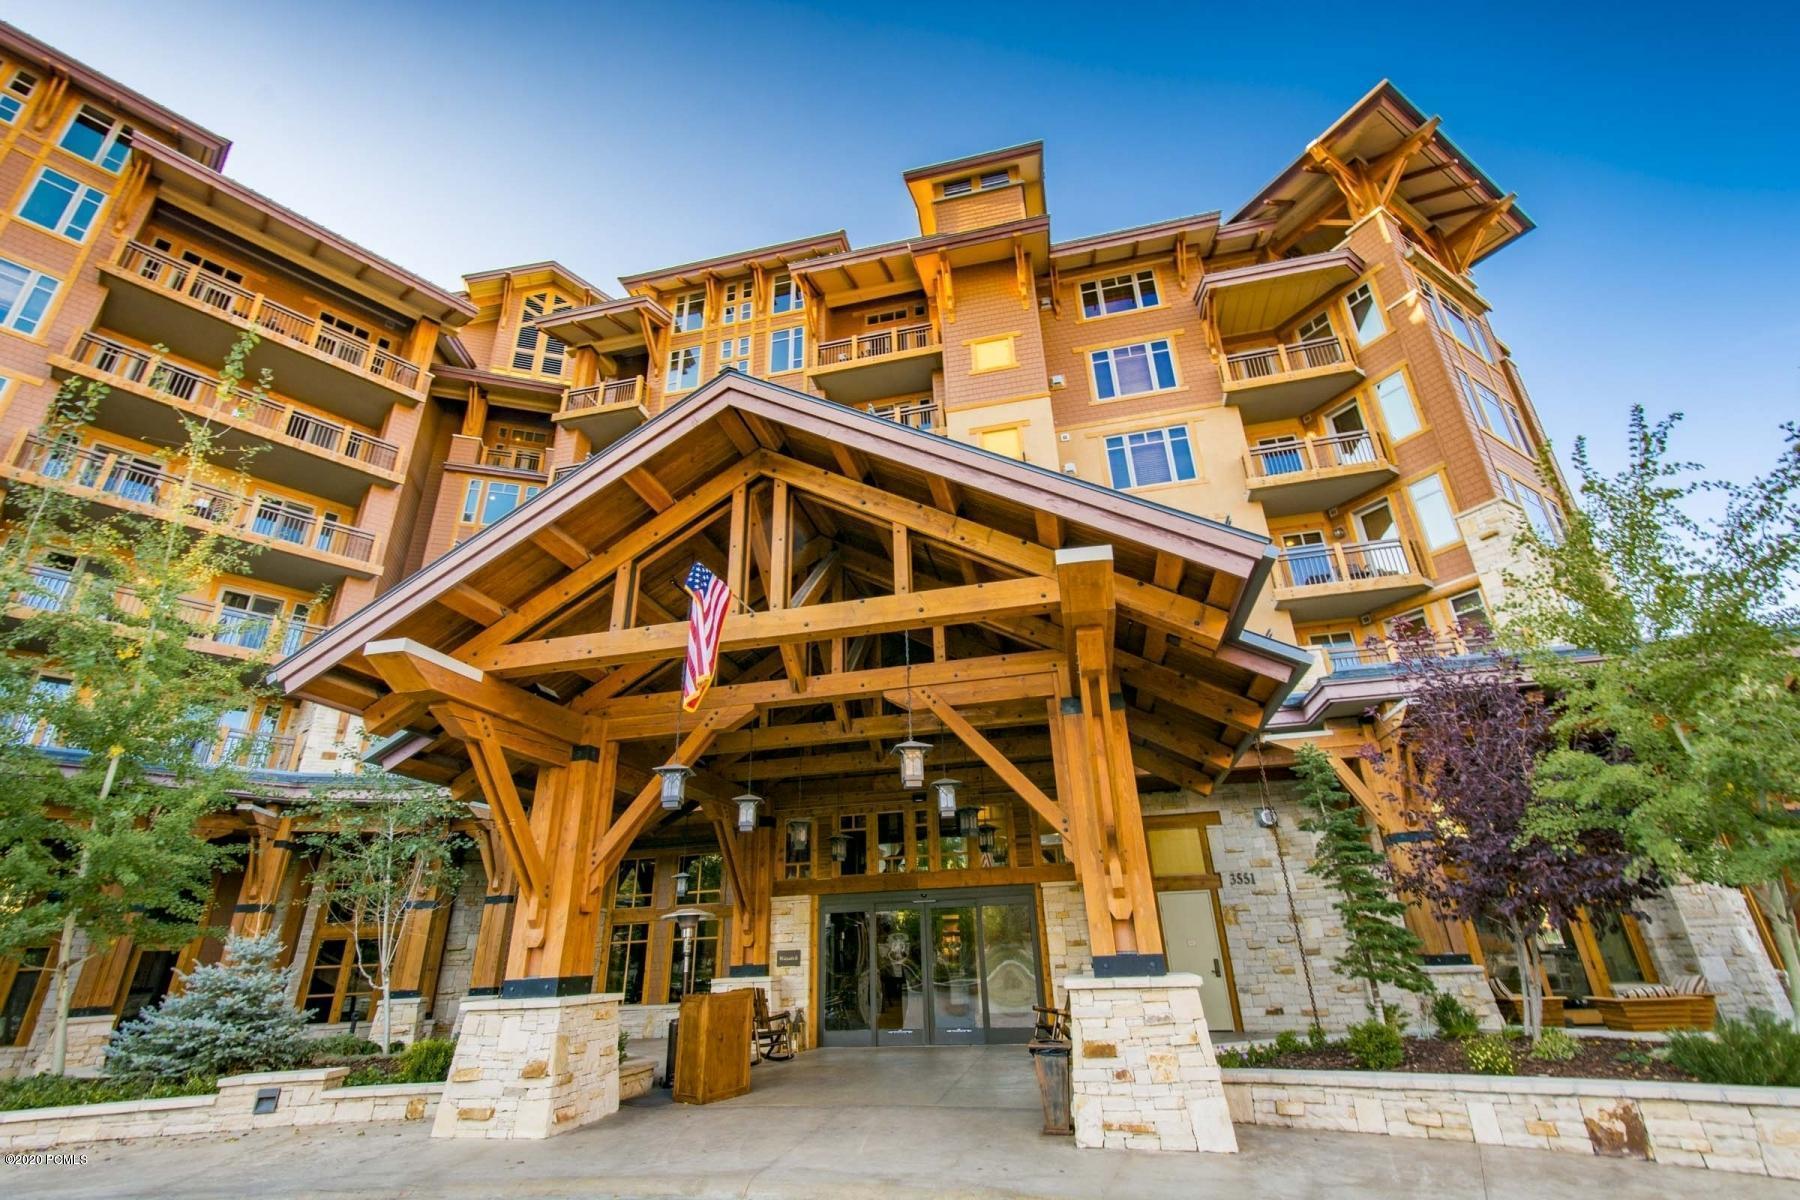 3551 Escala Court, Park City, Utah 84098, 2 Bedrooms Bedrooms, ,2 BathroomsBathrooms,Condominium,For Sale,Escala,12004043